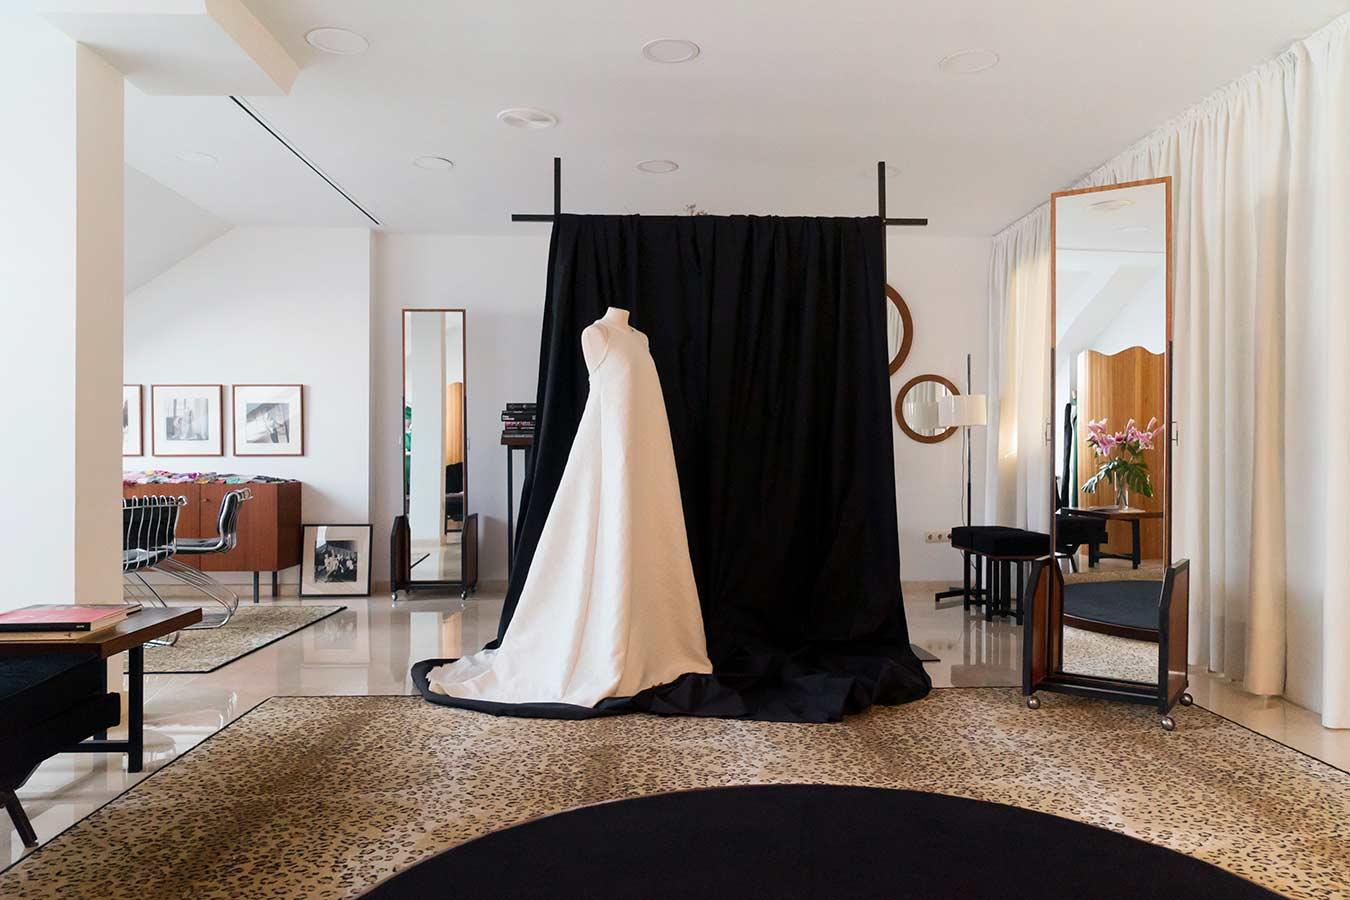 El atelier de Luis Alonso. Vestido a medida en Santander.